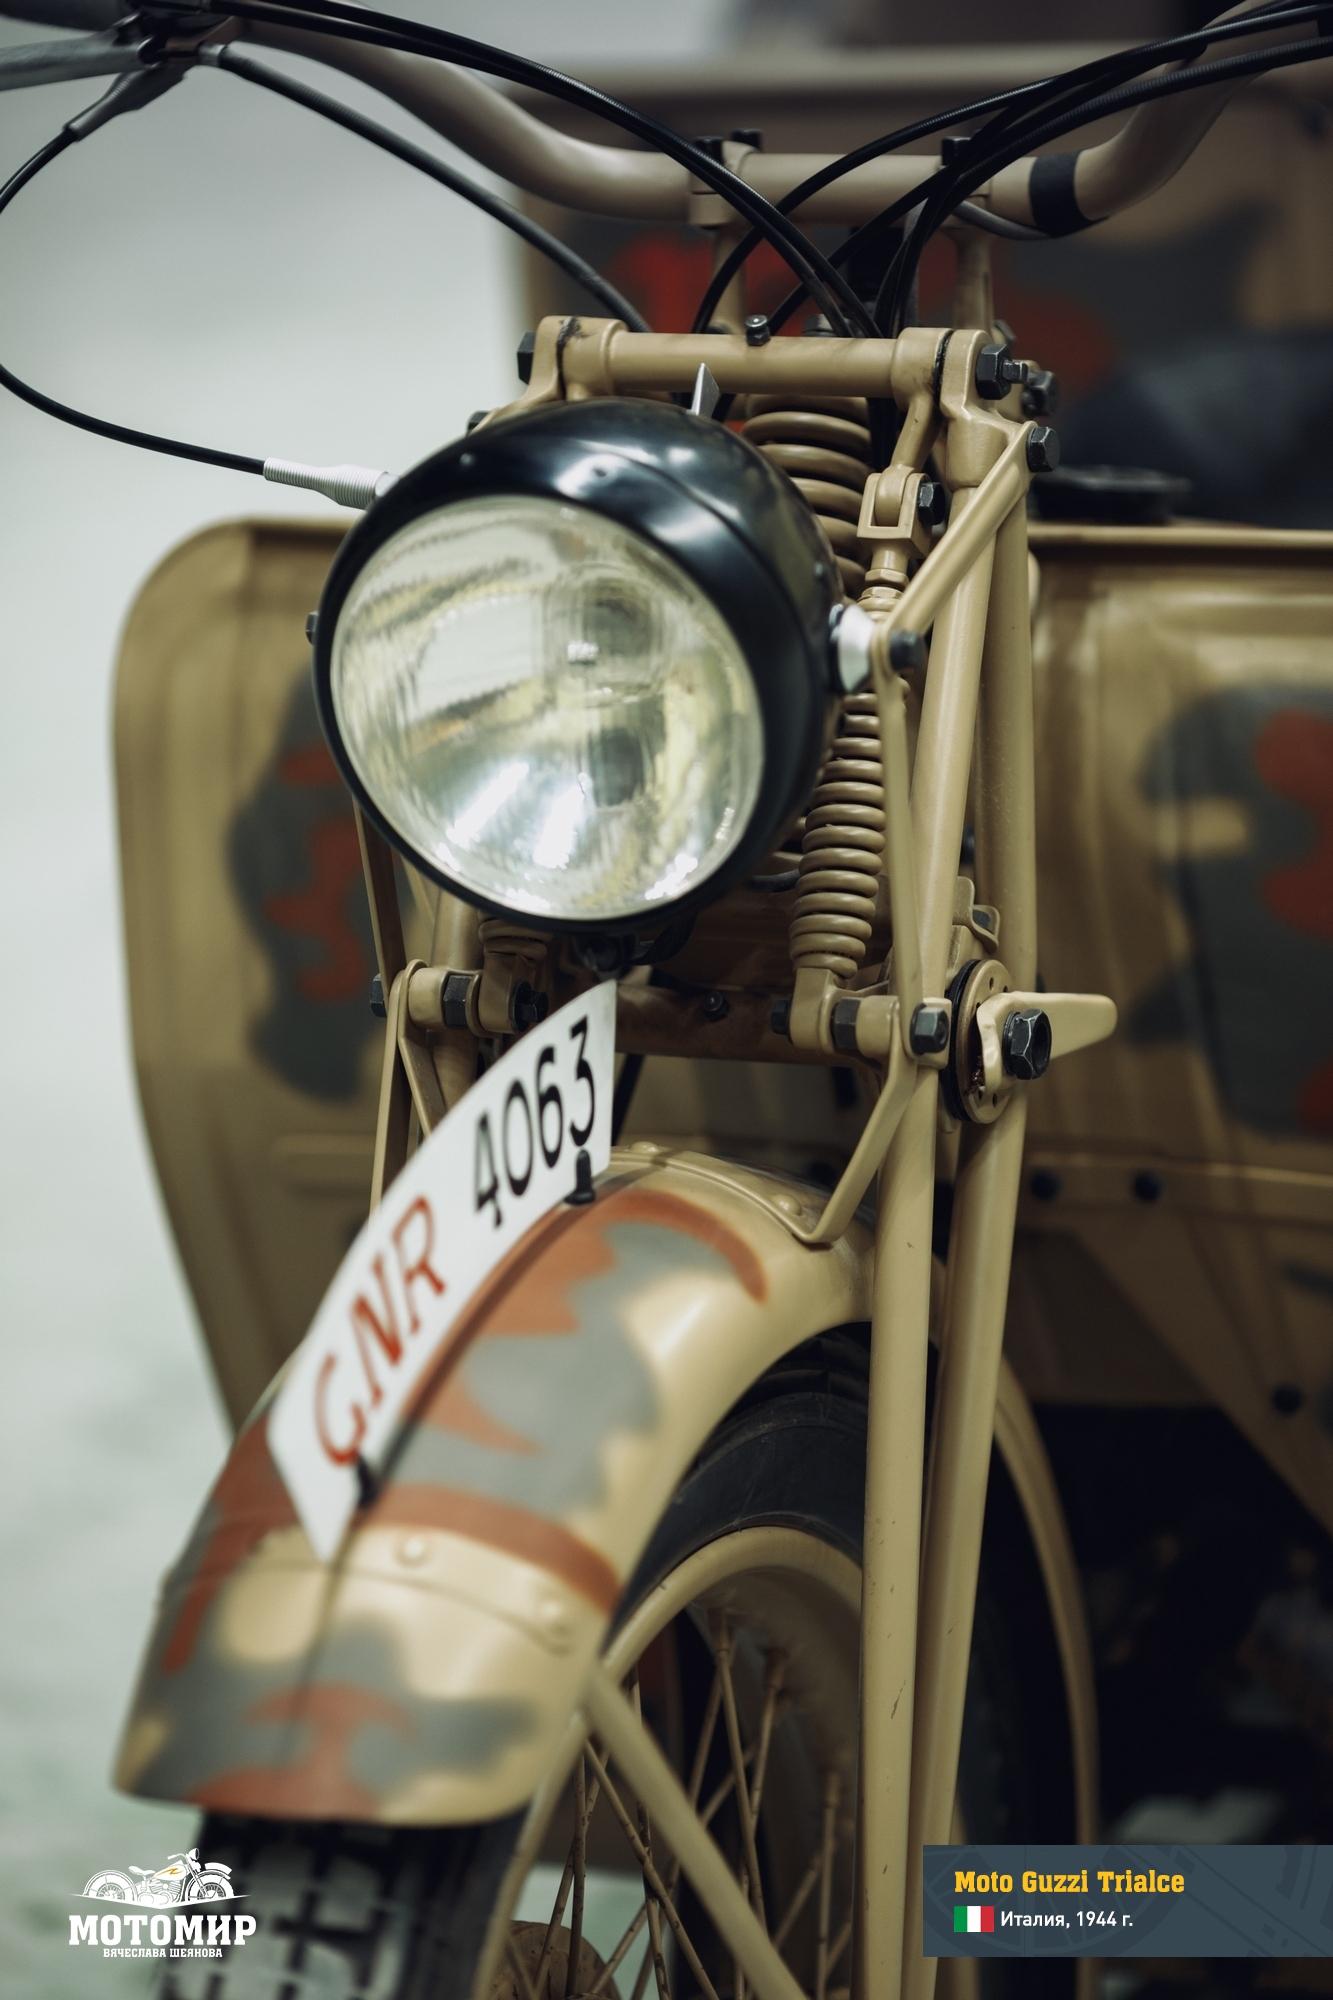 moto-guzzi-trialce-201502-web-16